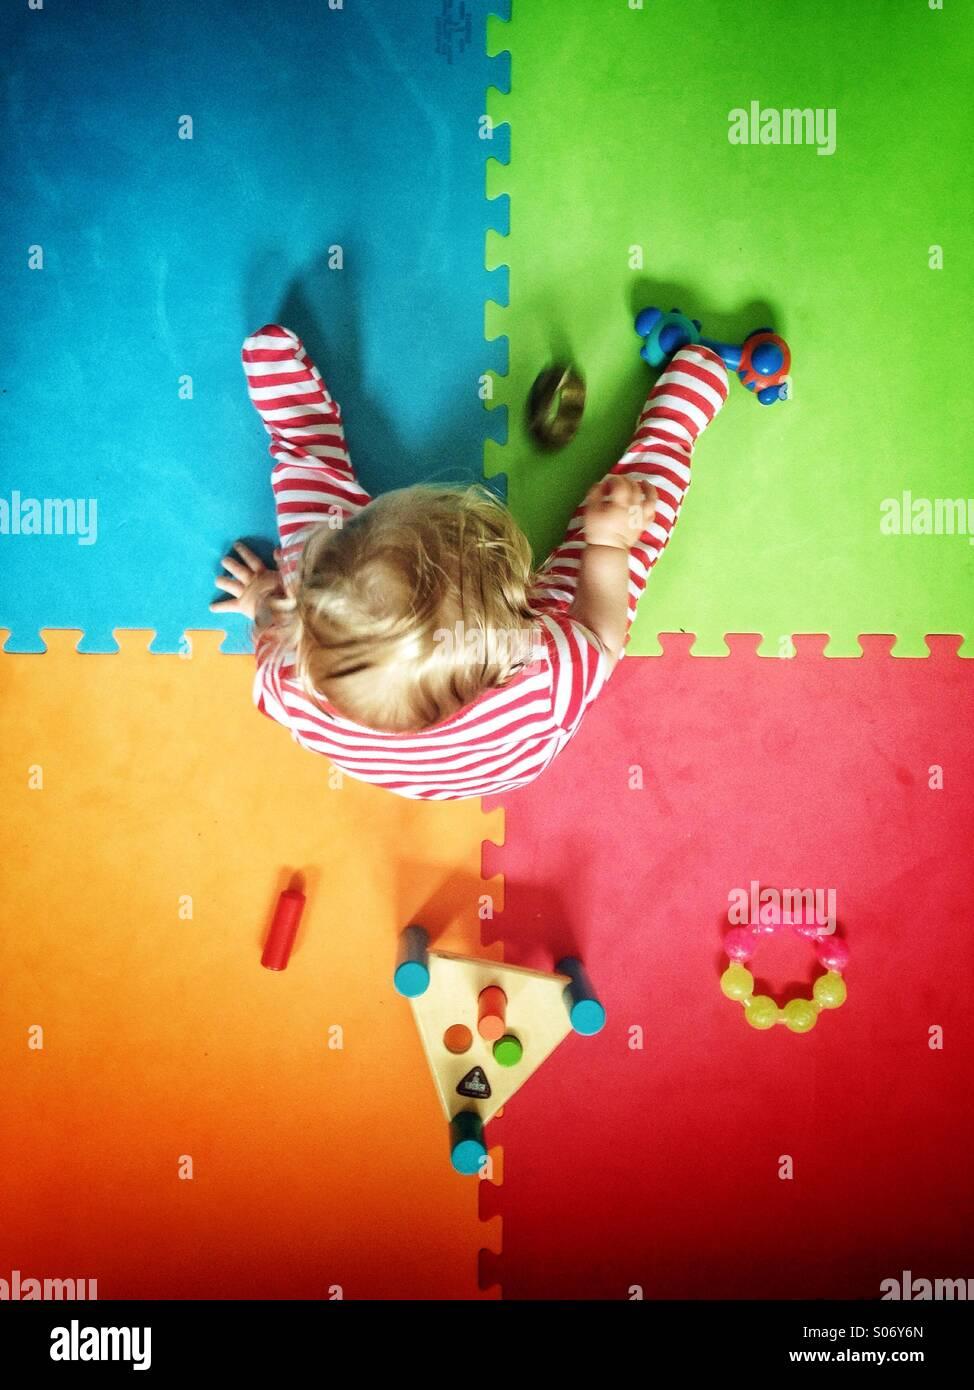 Bébé jouant sur le tapis de jeu colorées Banque D'Images